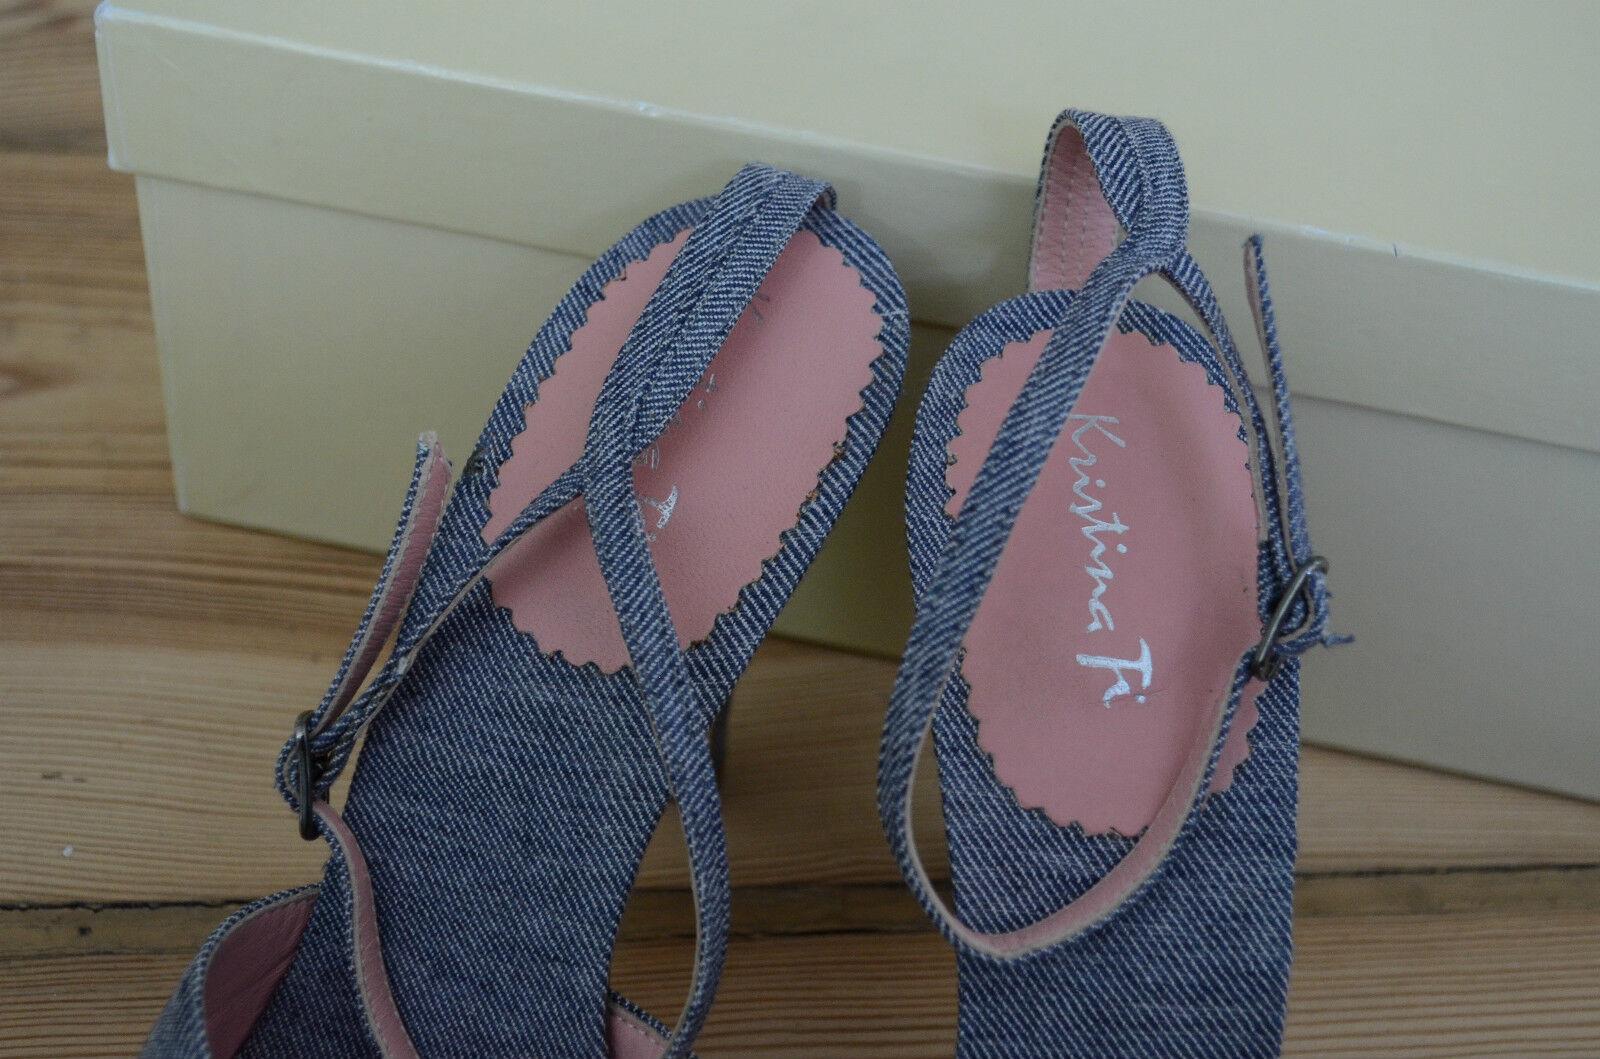 KRISTINA TI Traum Denim Sandalen NEU  39.5 39 1/2 39,5  High Heels 39,5 1/2 made in  781208